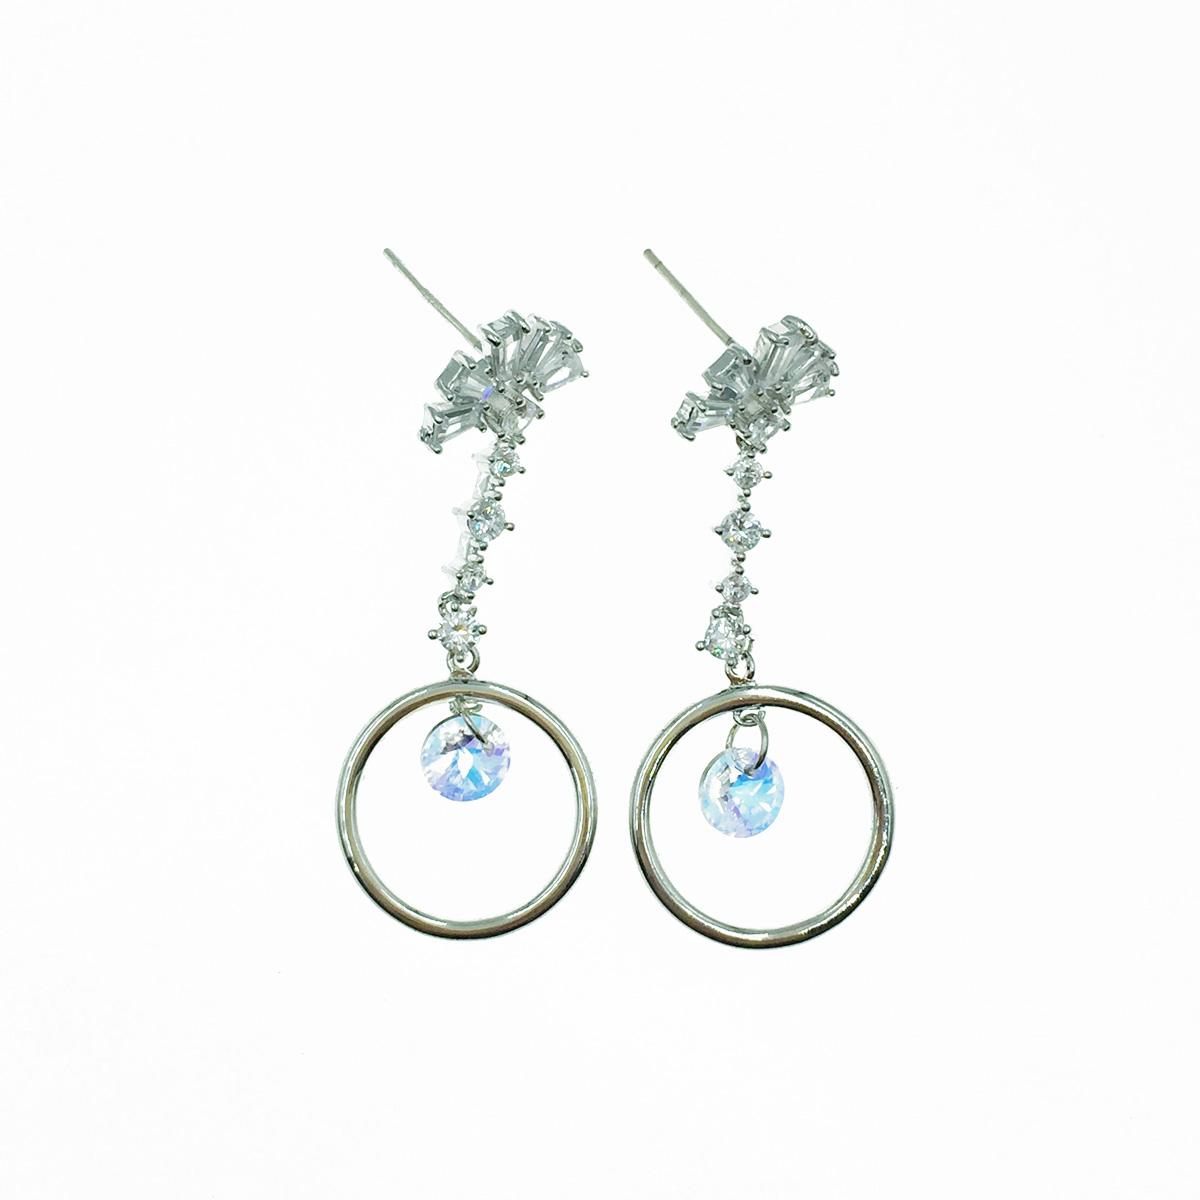 韓國 925純銀 簍空圓圈 水鑽 爪鑽 扇形 垂墜感 耳針式耳環